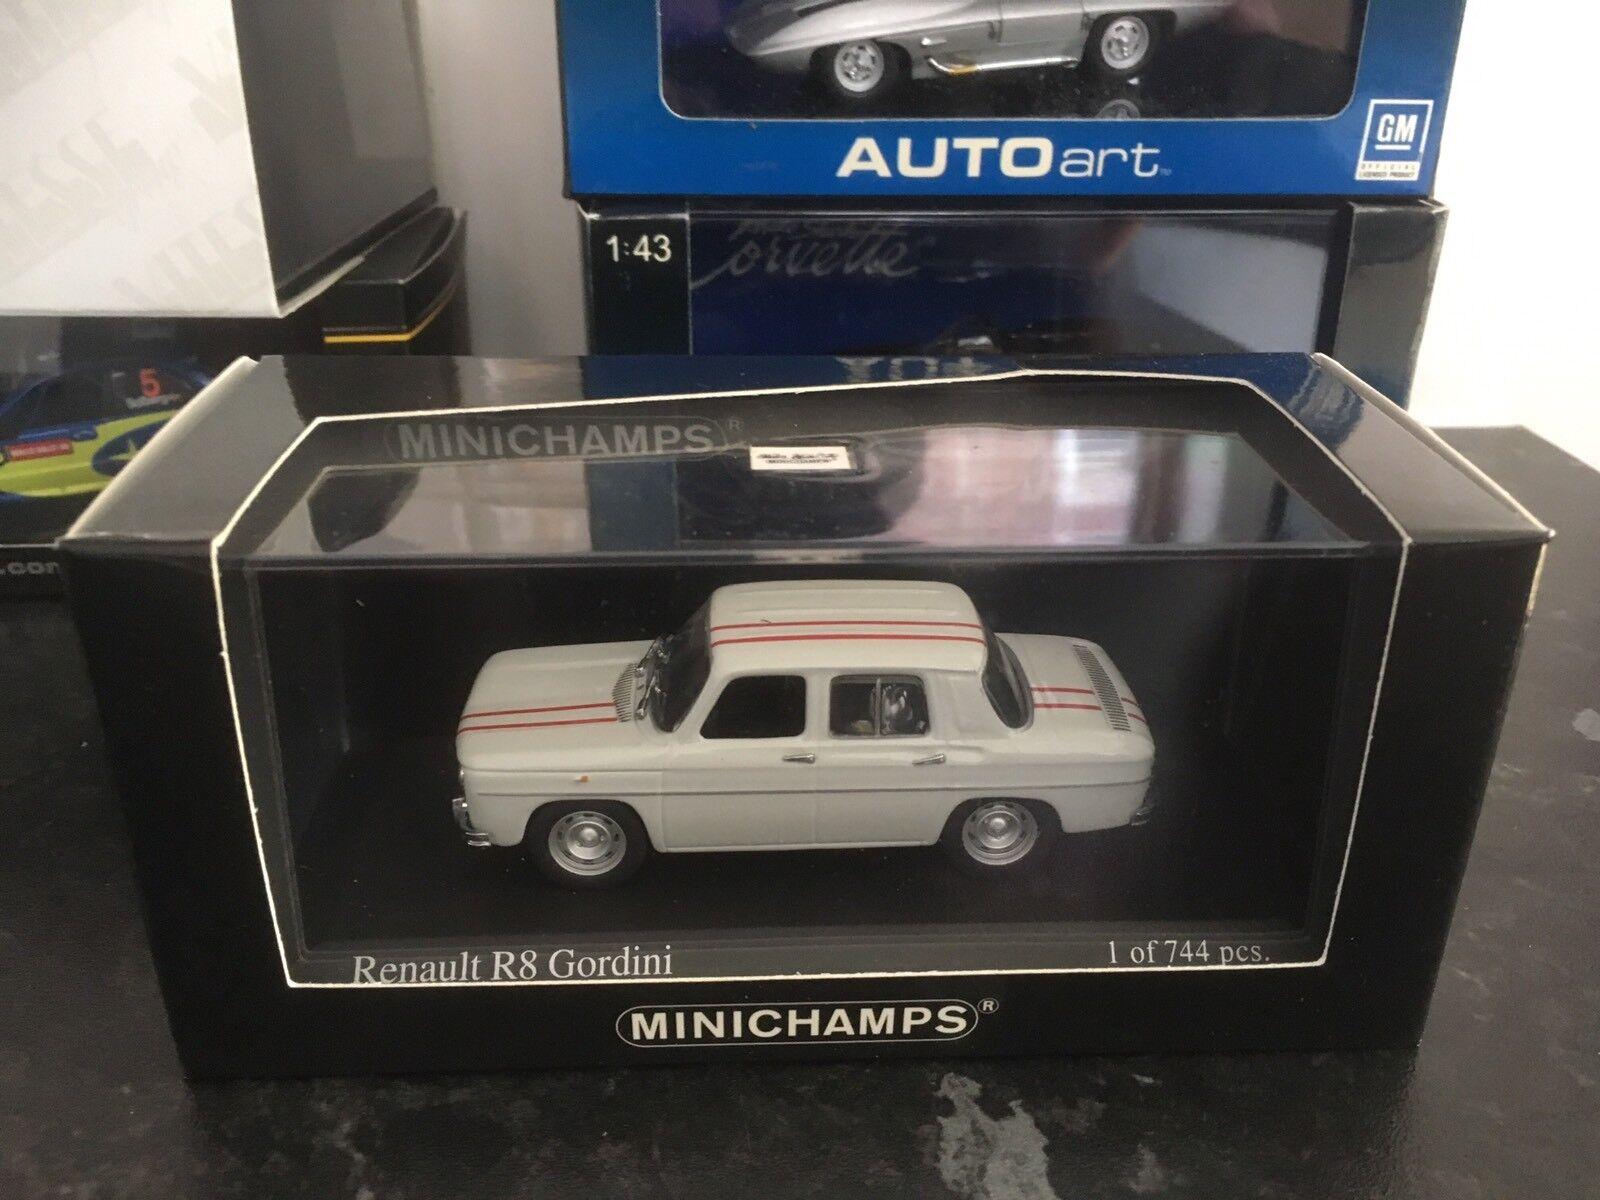 Minichamps Renault R8 Gordini White 1 43 MIB Ltd Ltd Ltd Ed Of 744 Only V.Rare 1964 133864